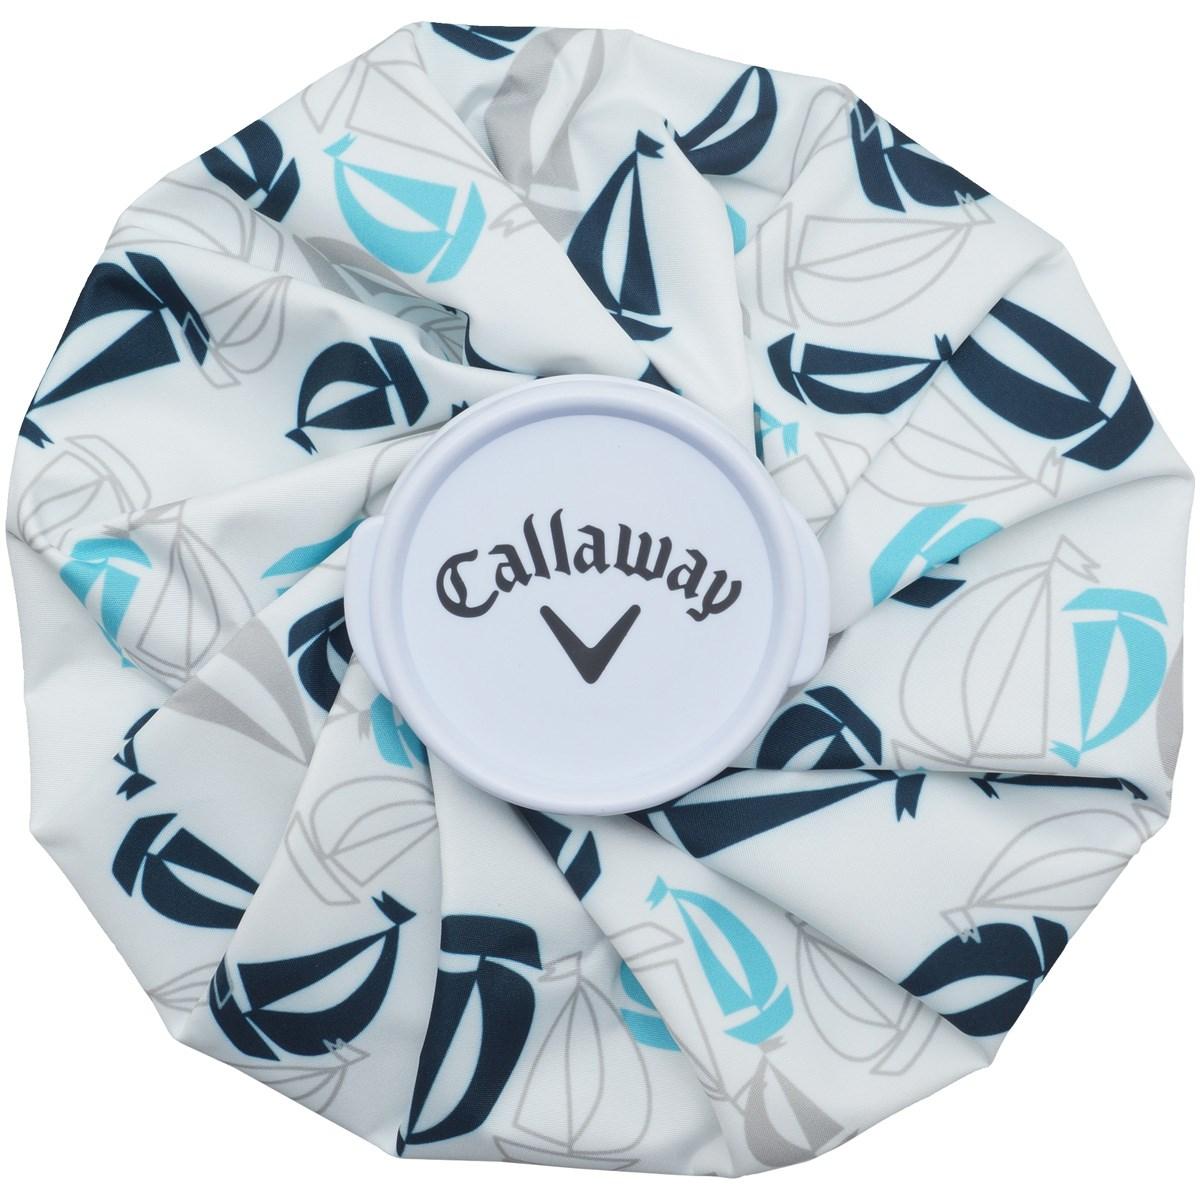 キャロウェイゴルフ(Callaway Golf) ヨット柄プリント 氷嚢